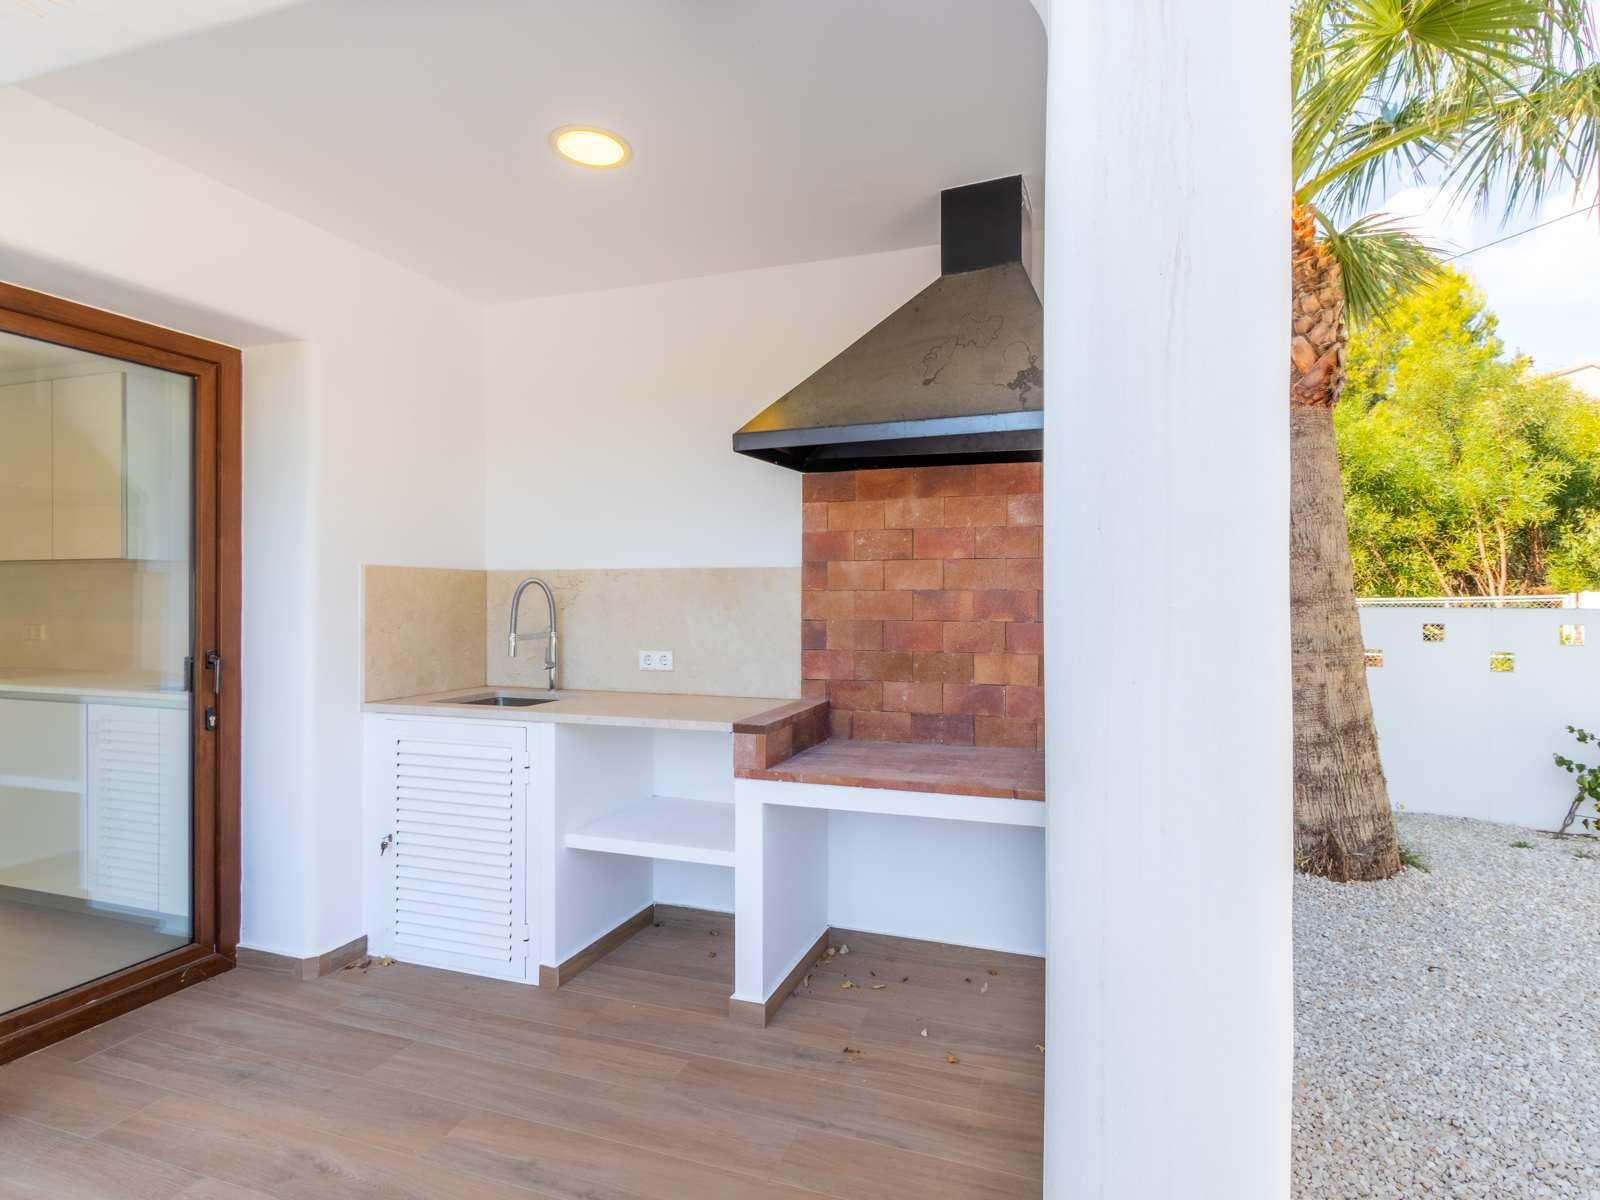 Fotogalería - 26 - Olea-Home | Real Estate en Orba y Teulada-Moraira |